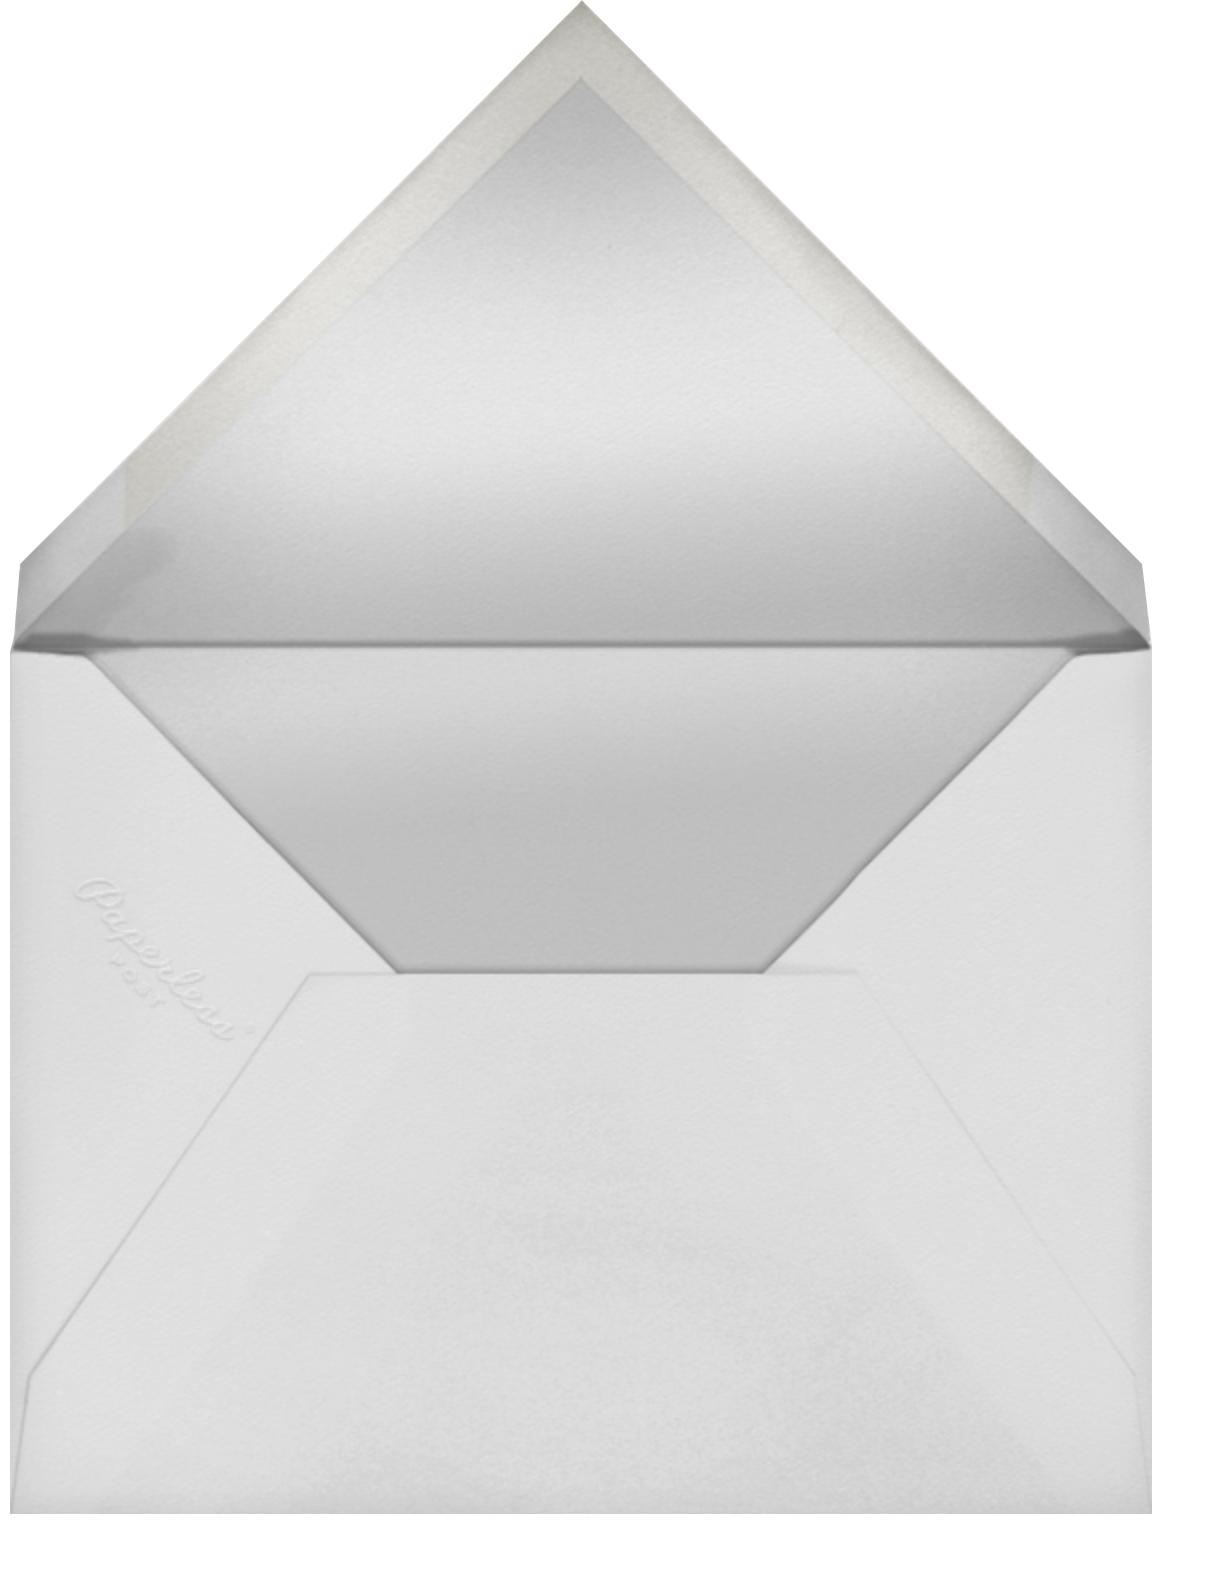 Lamina II (Menu) - Navy - Paperless Post - Envelope